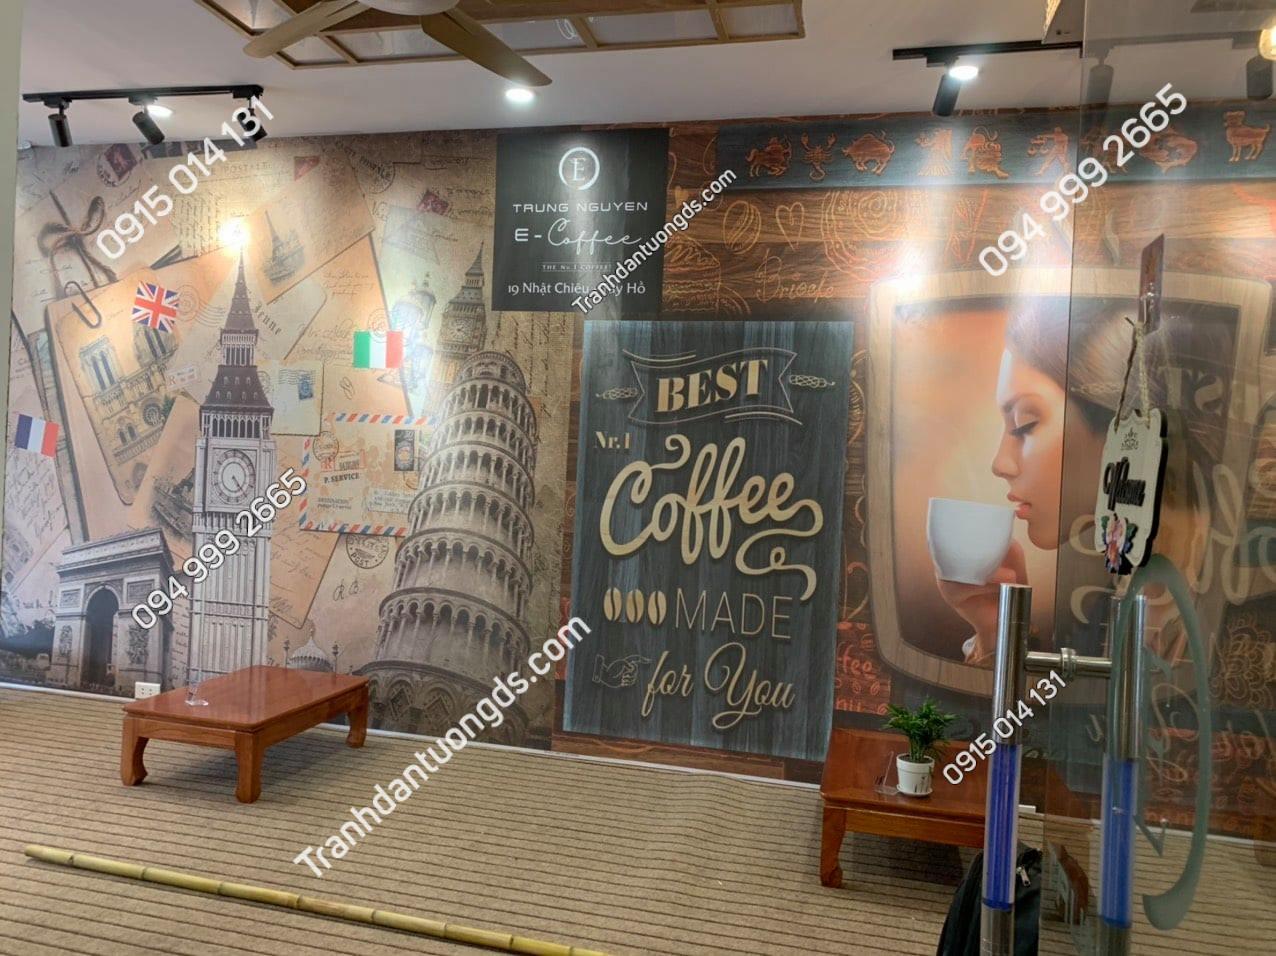 Tranh quán cafe trung nguyên